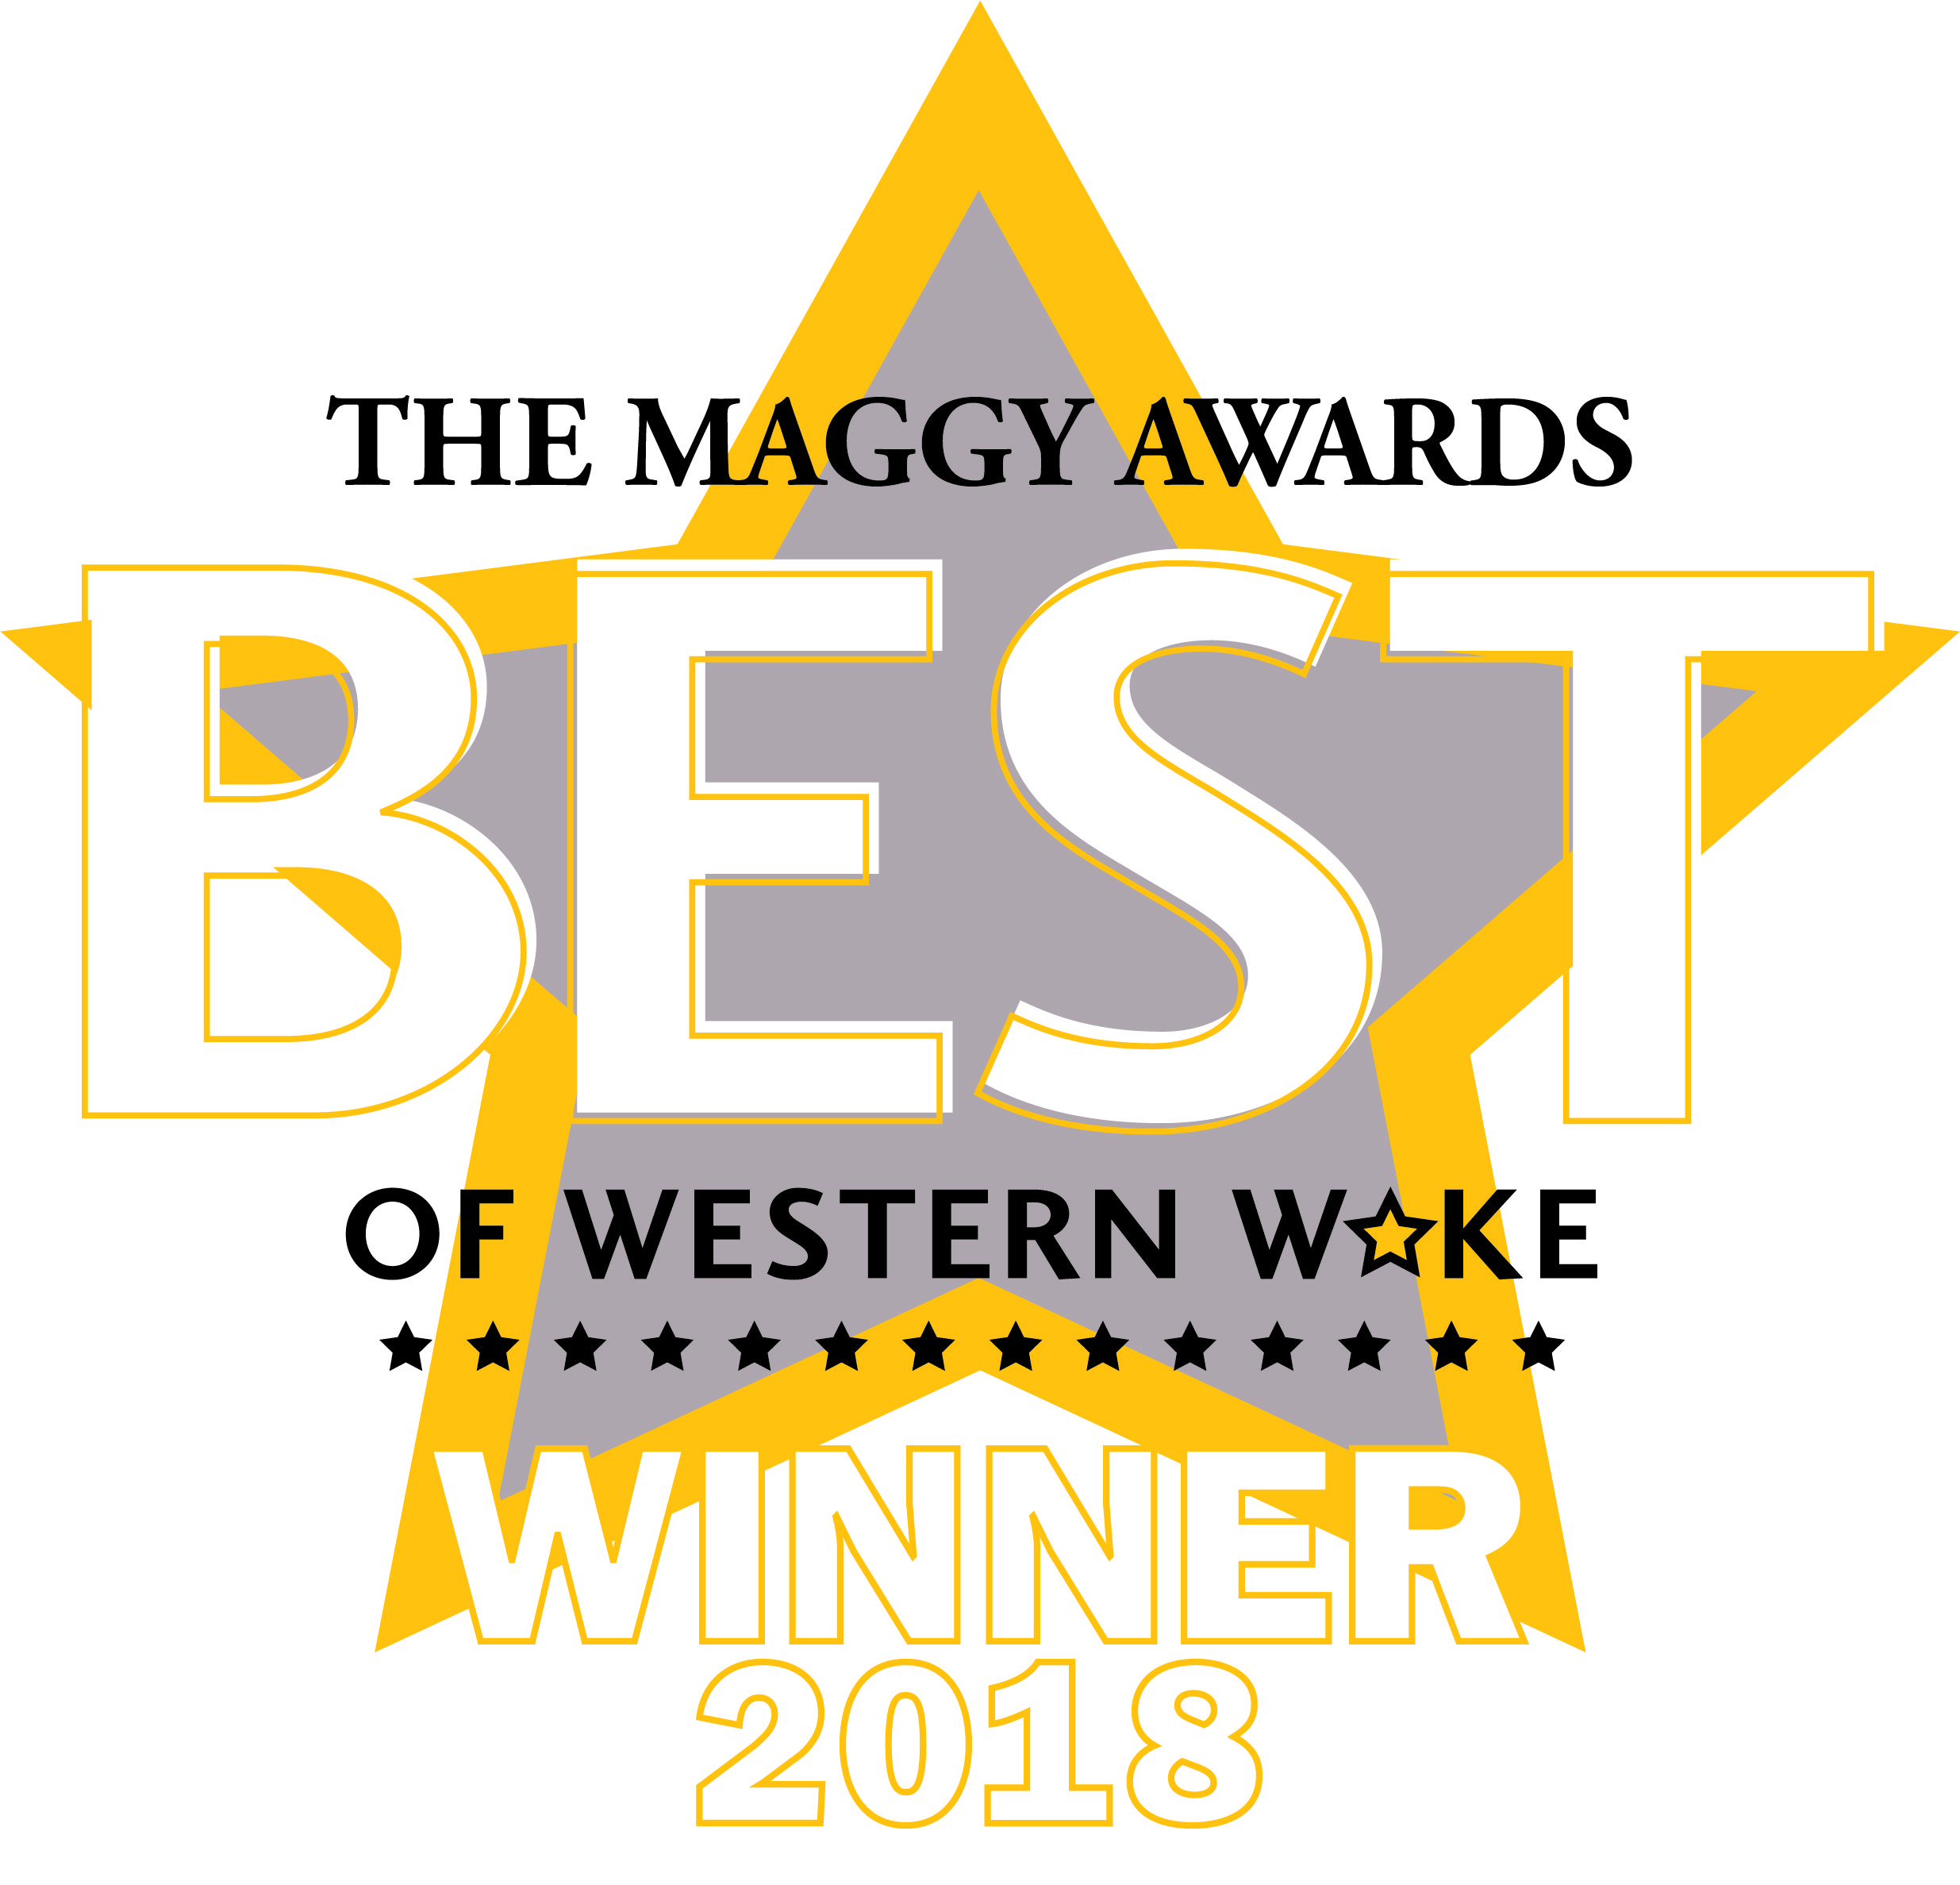 MaggyStarLogoGold2018_winner.jpg